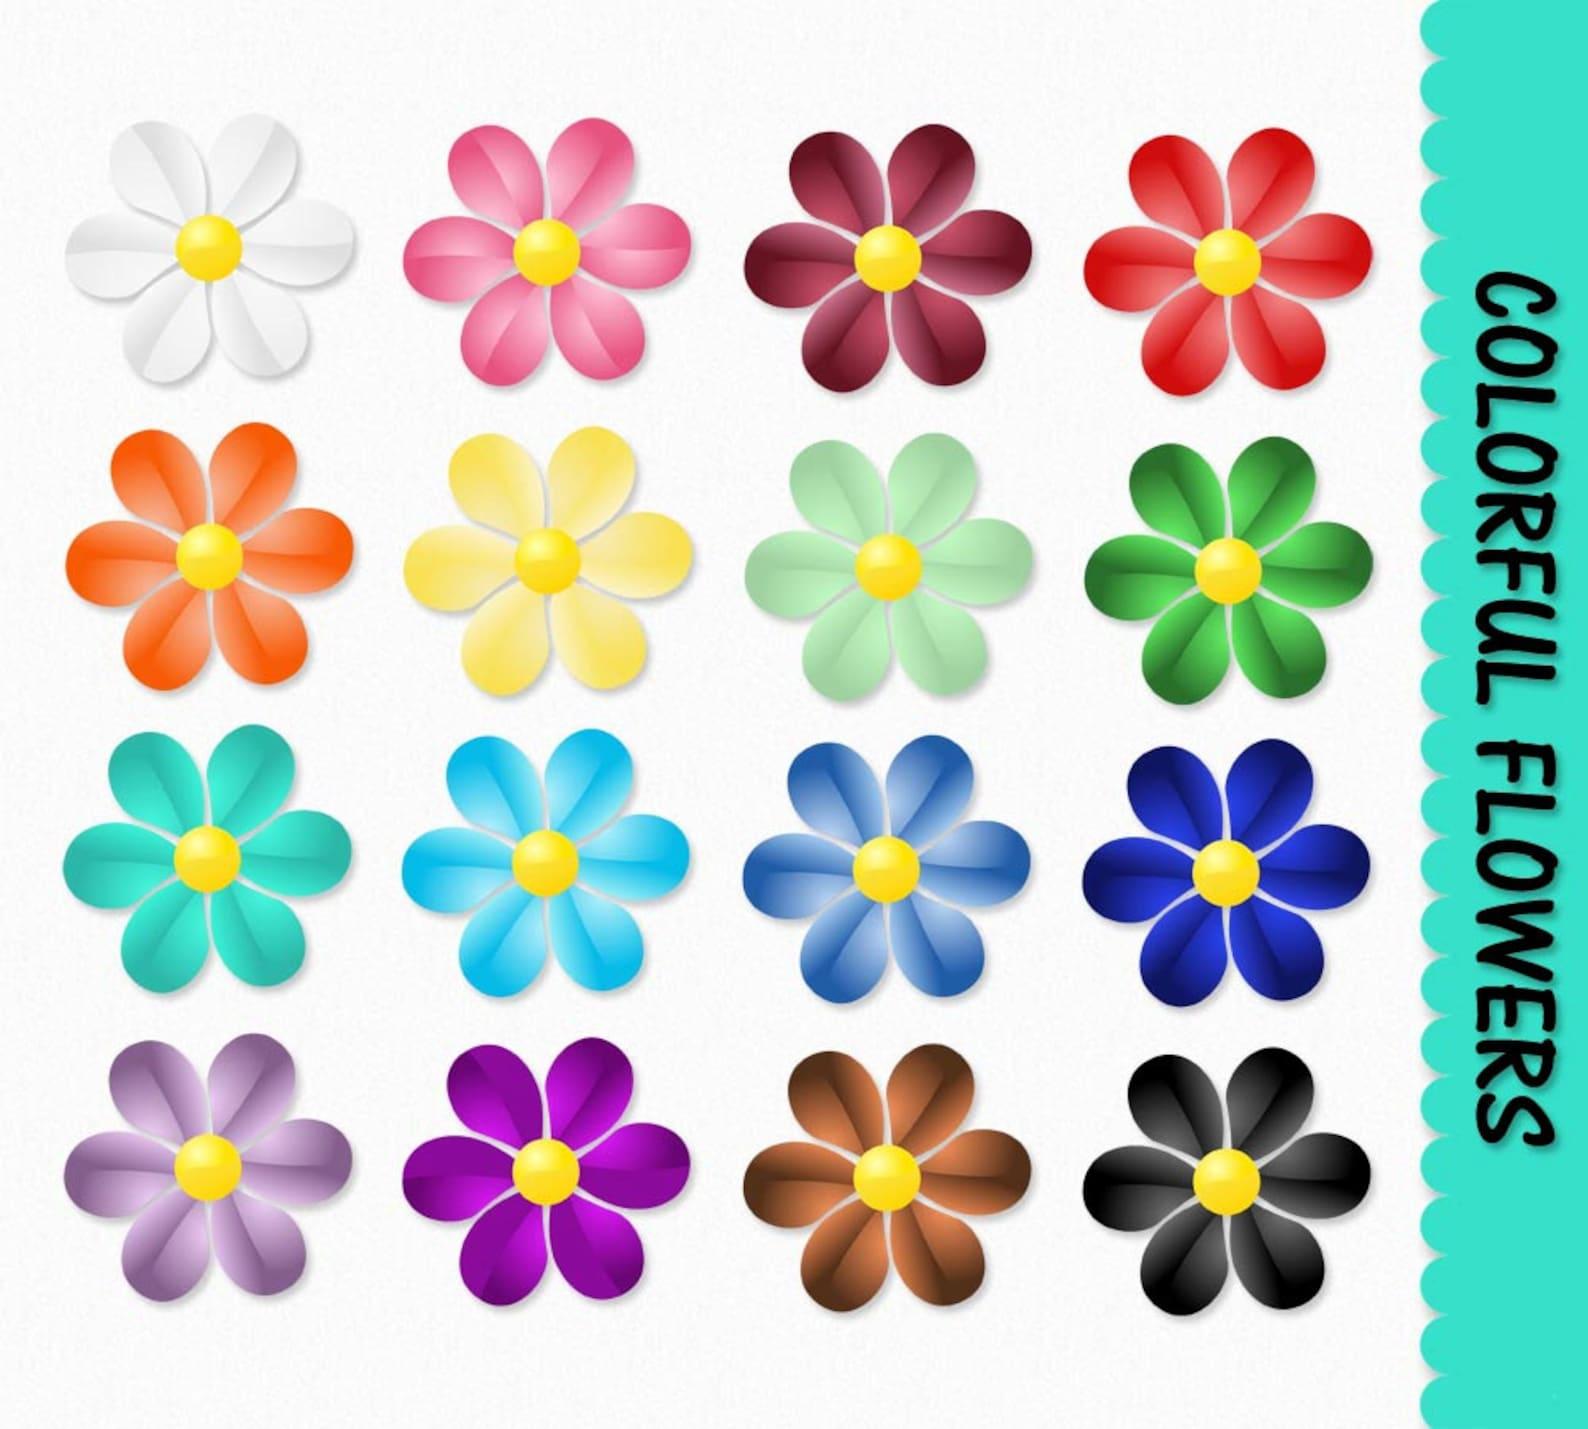 Картинки ромашек шаблоны разноцветные близким